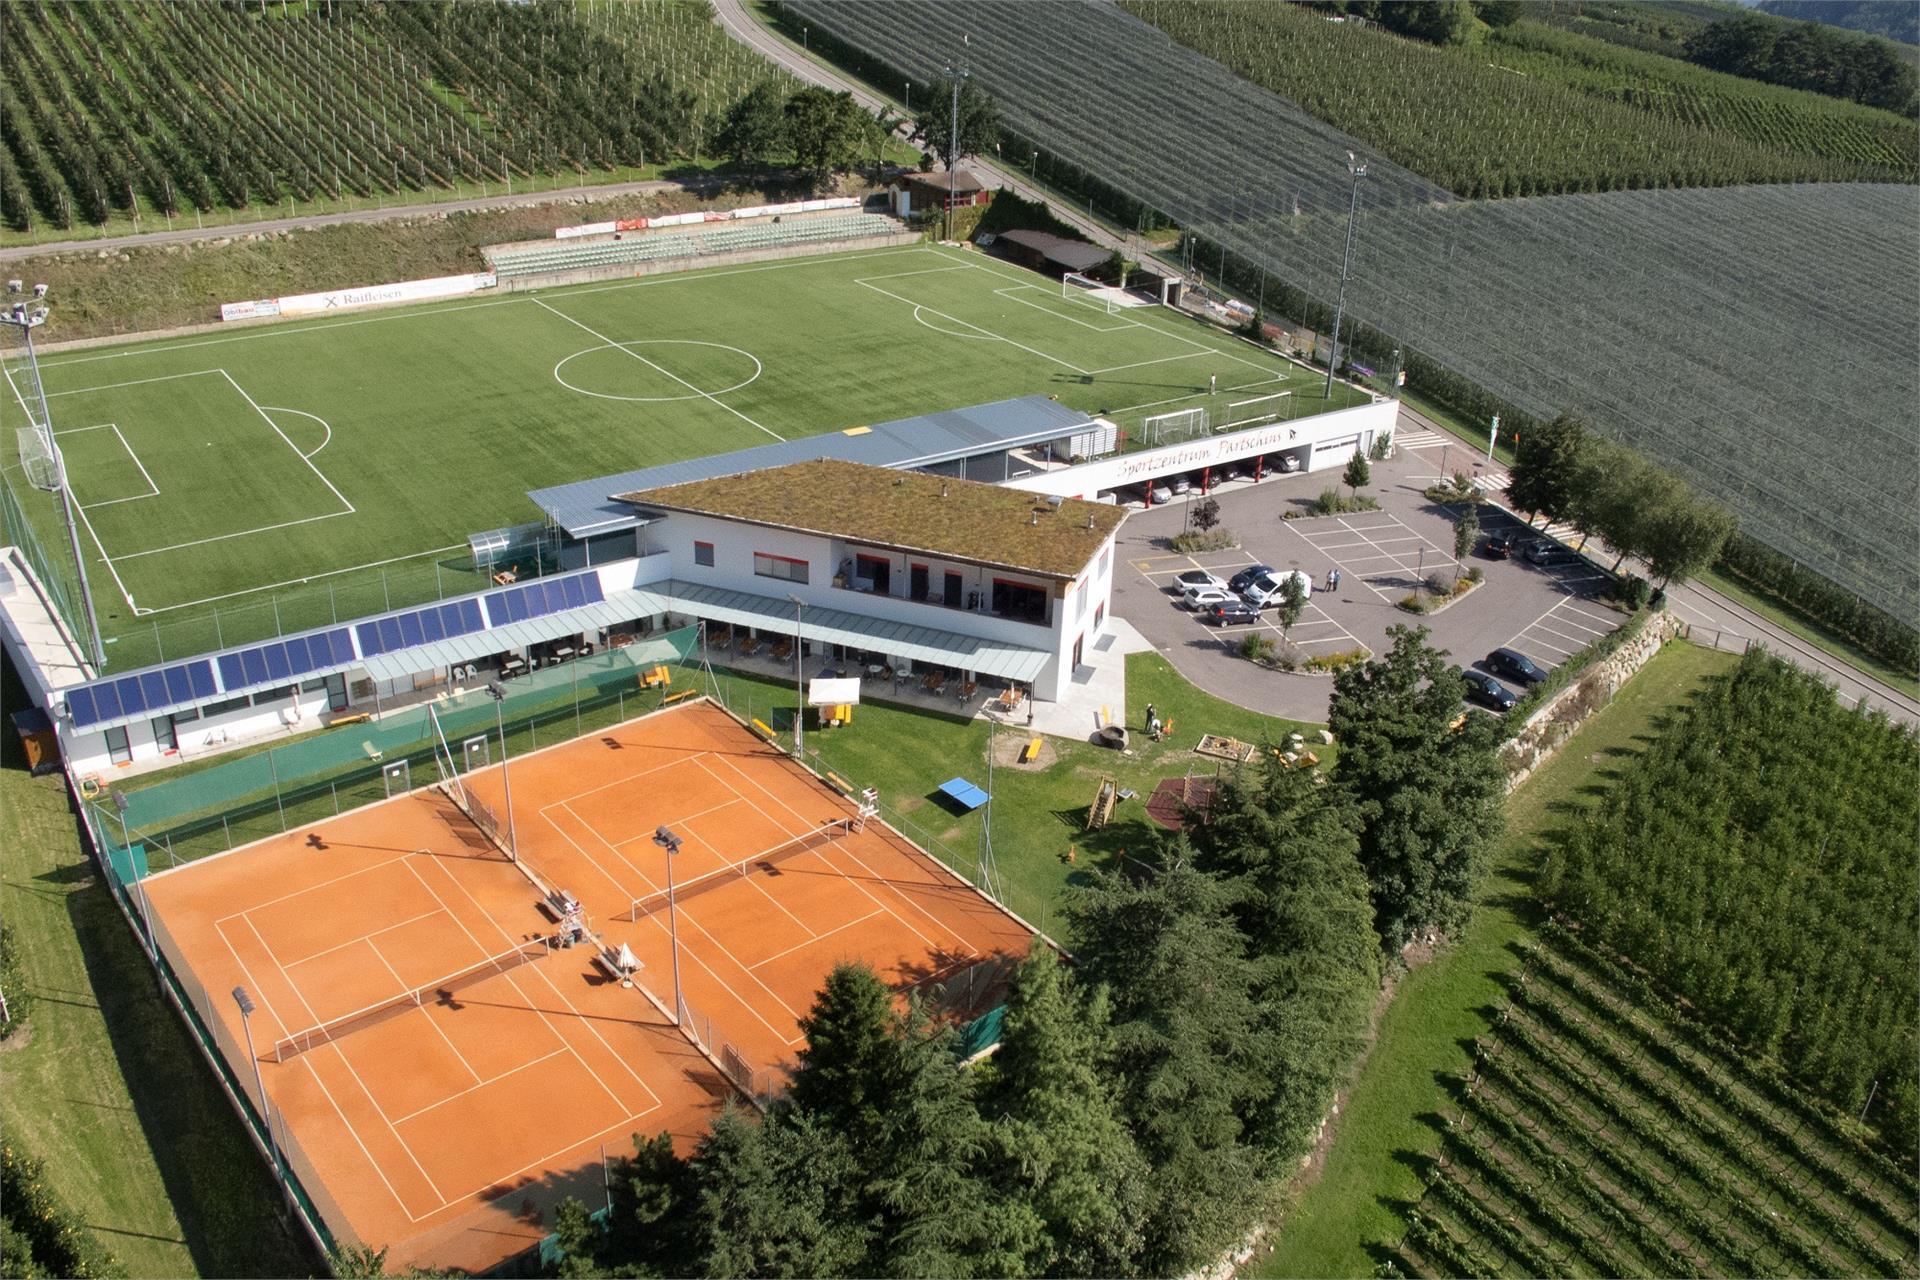 Tennis courts Parcines/Partschins